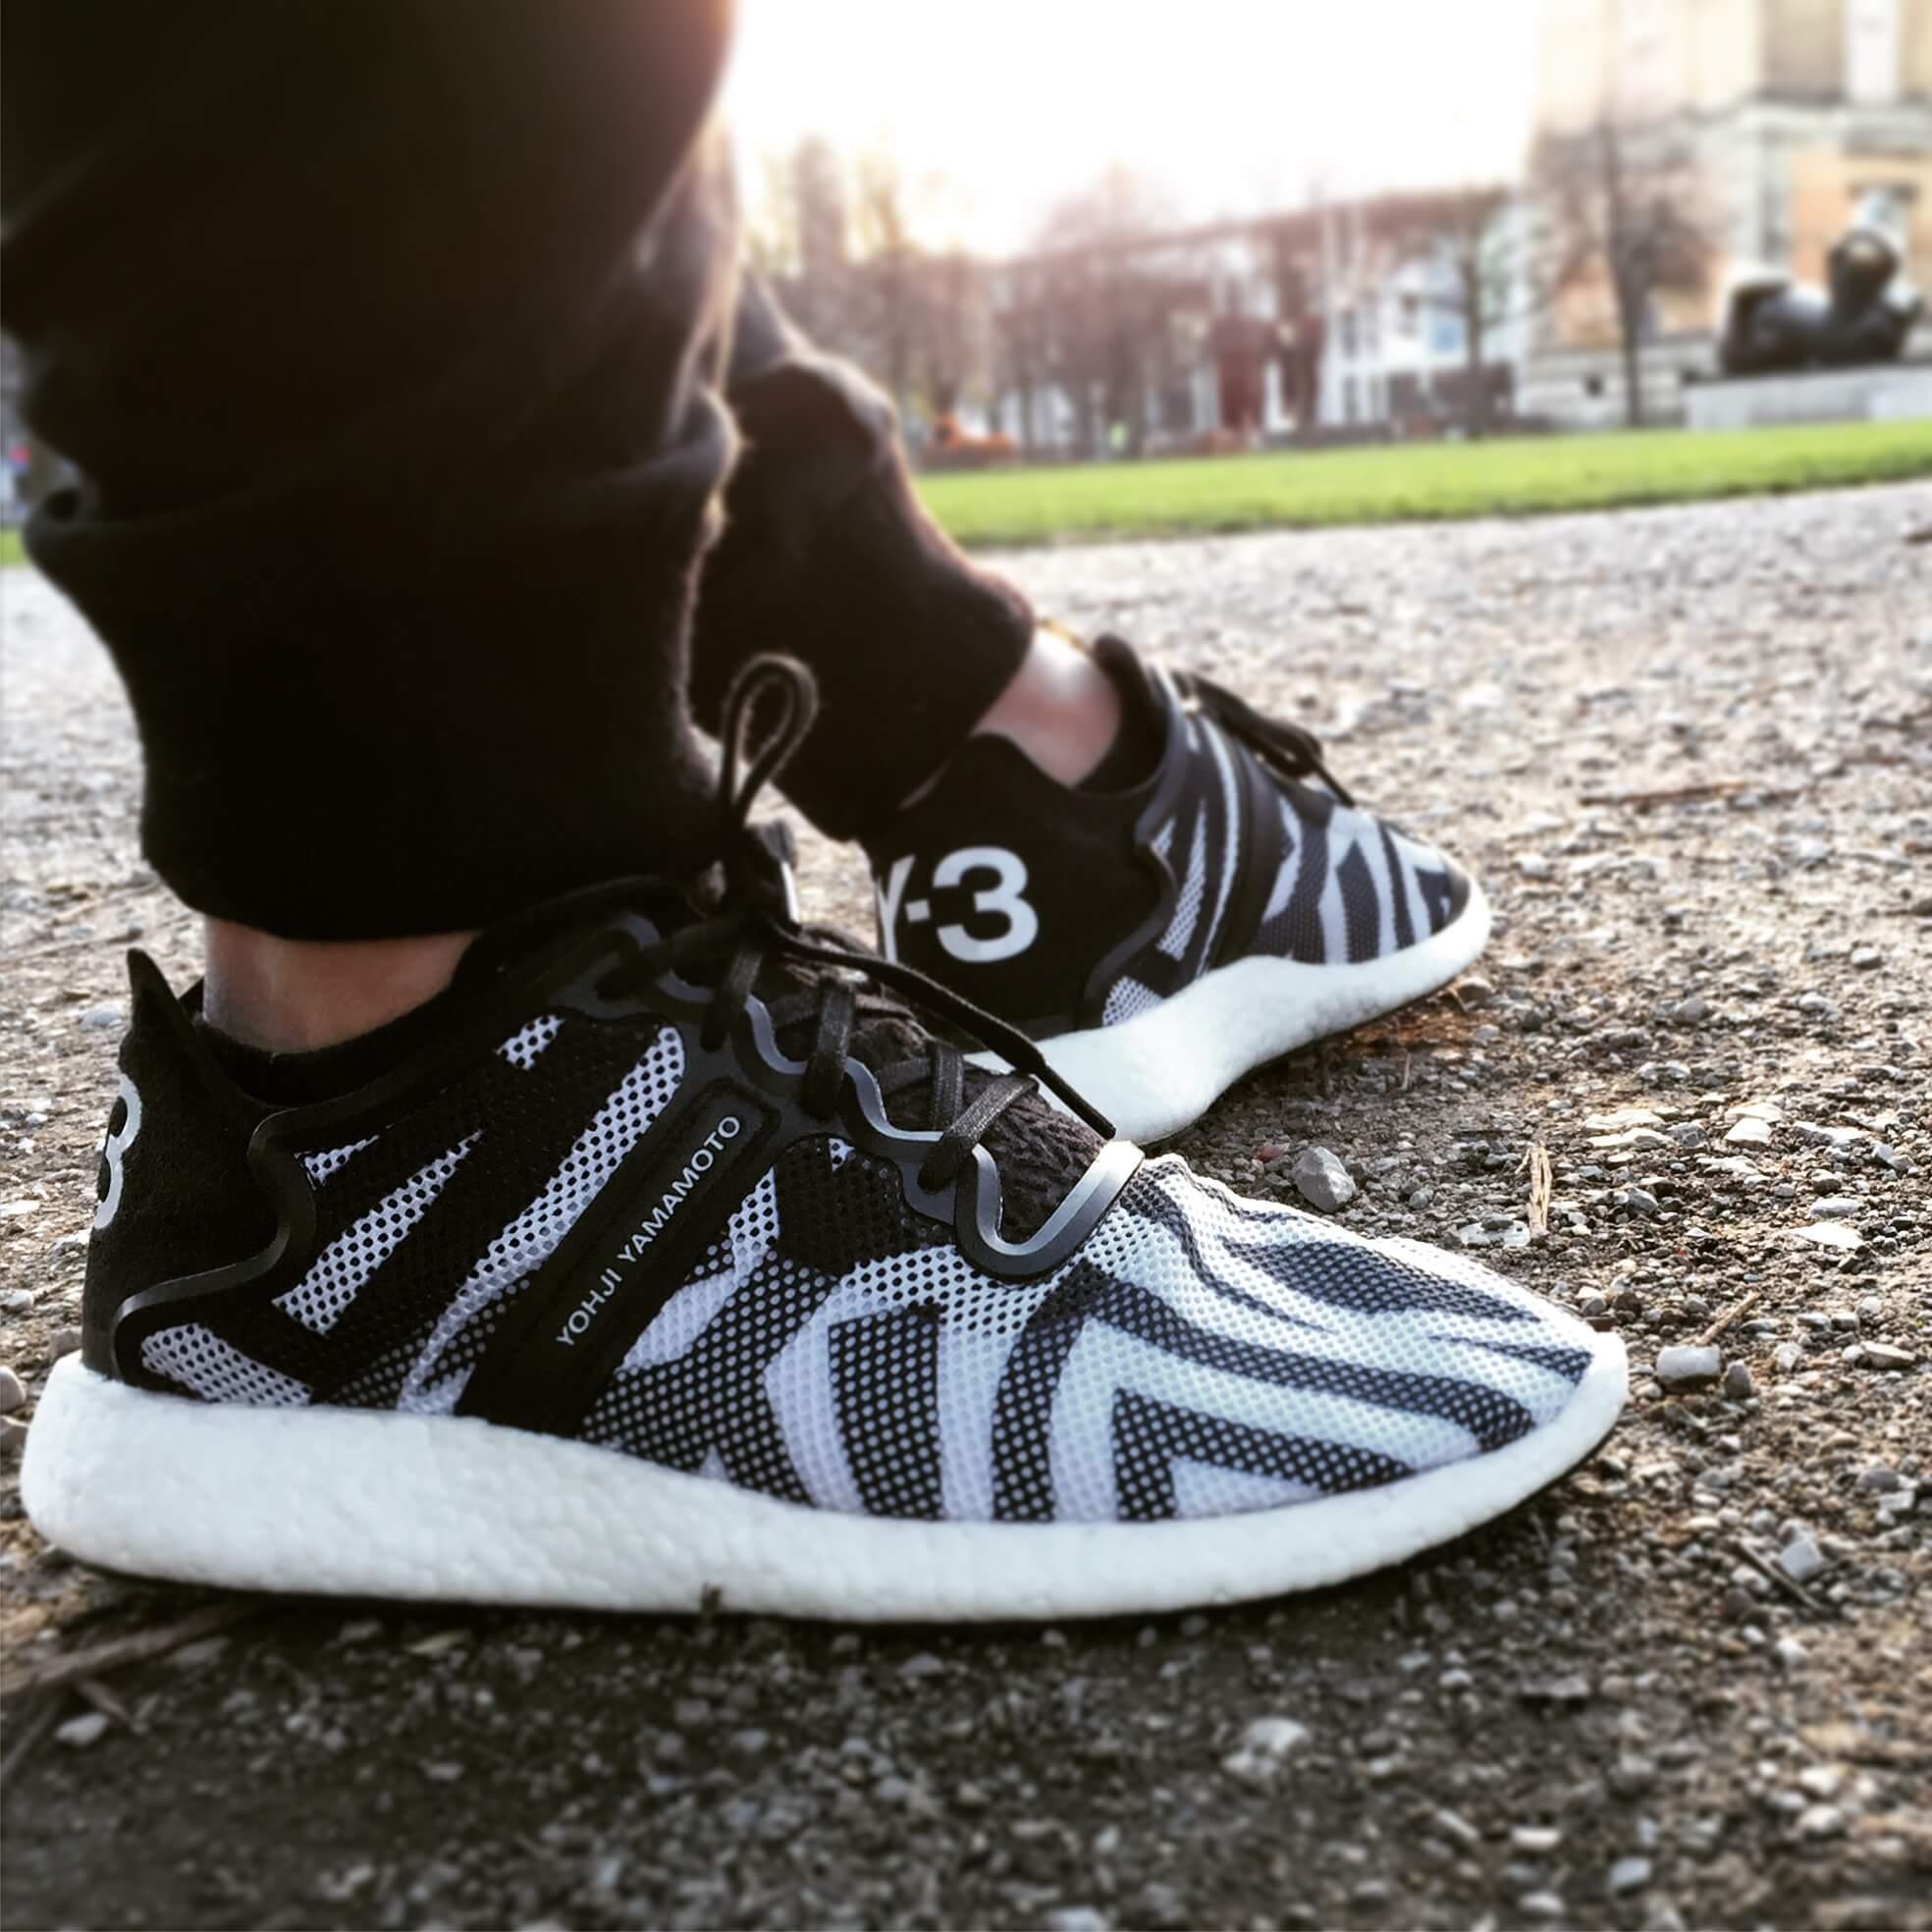 b72cb280cef78 Adidas Y-3 Yohji Boost Zebra